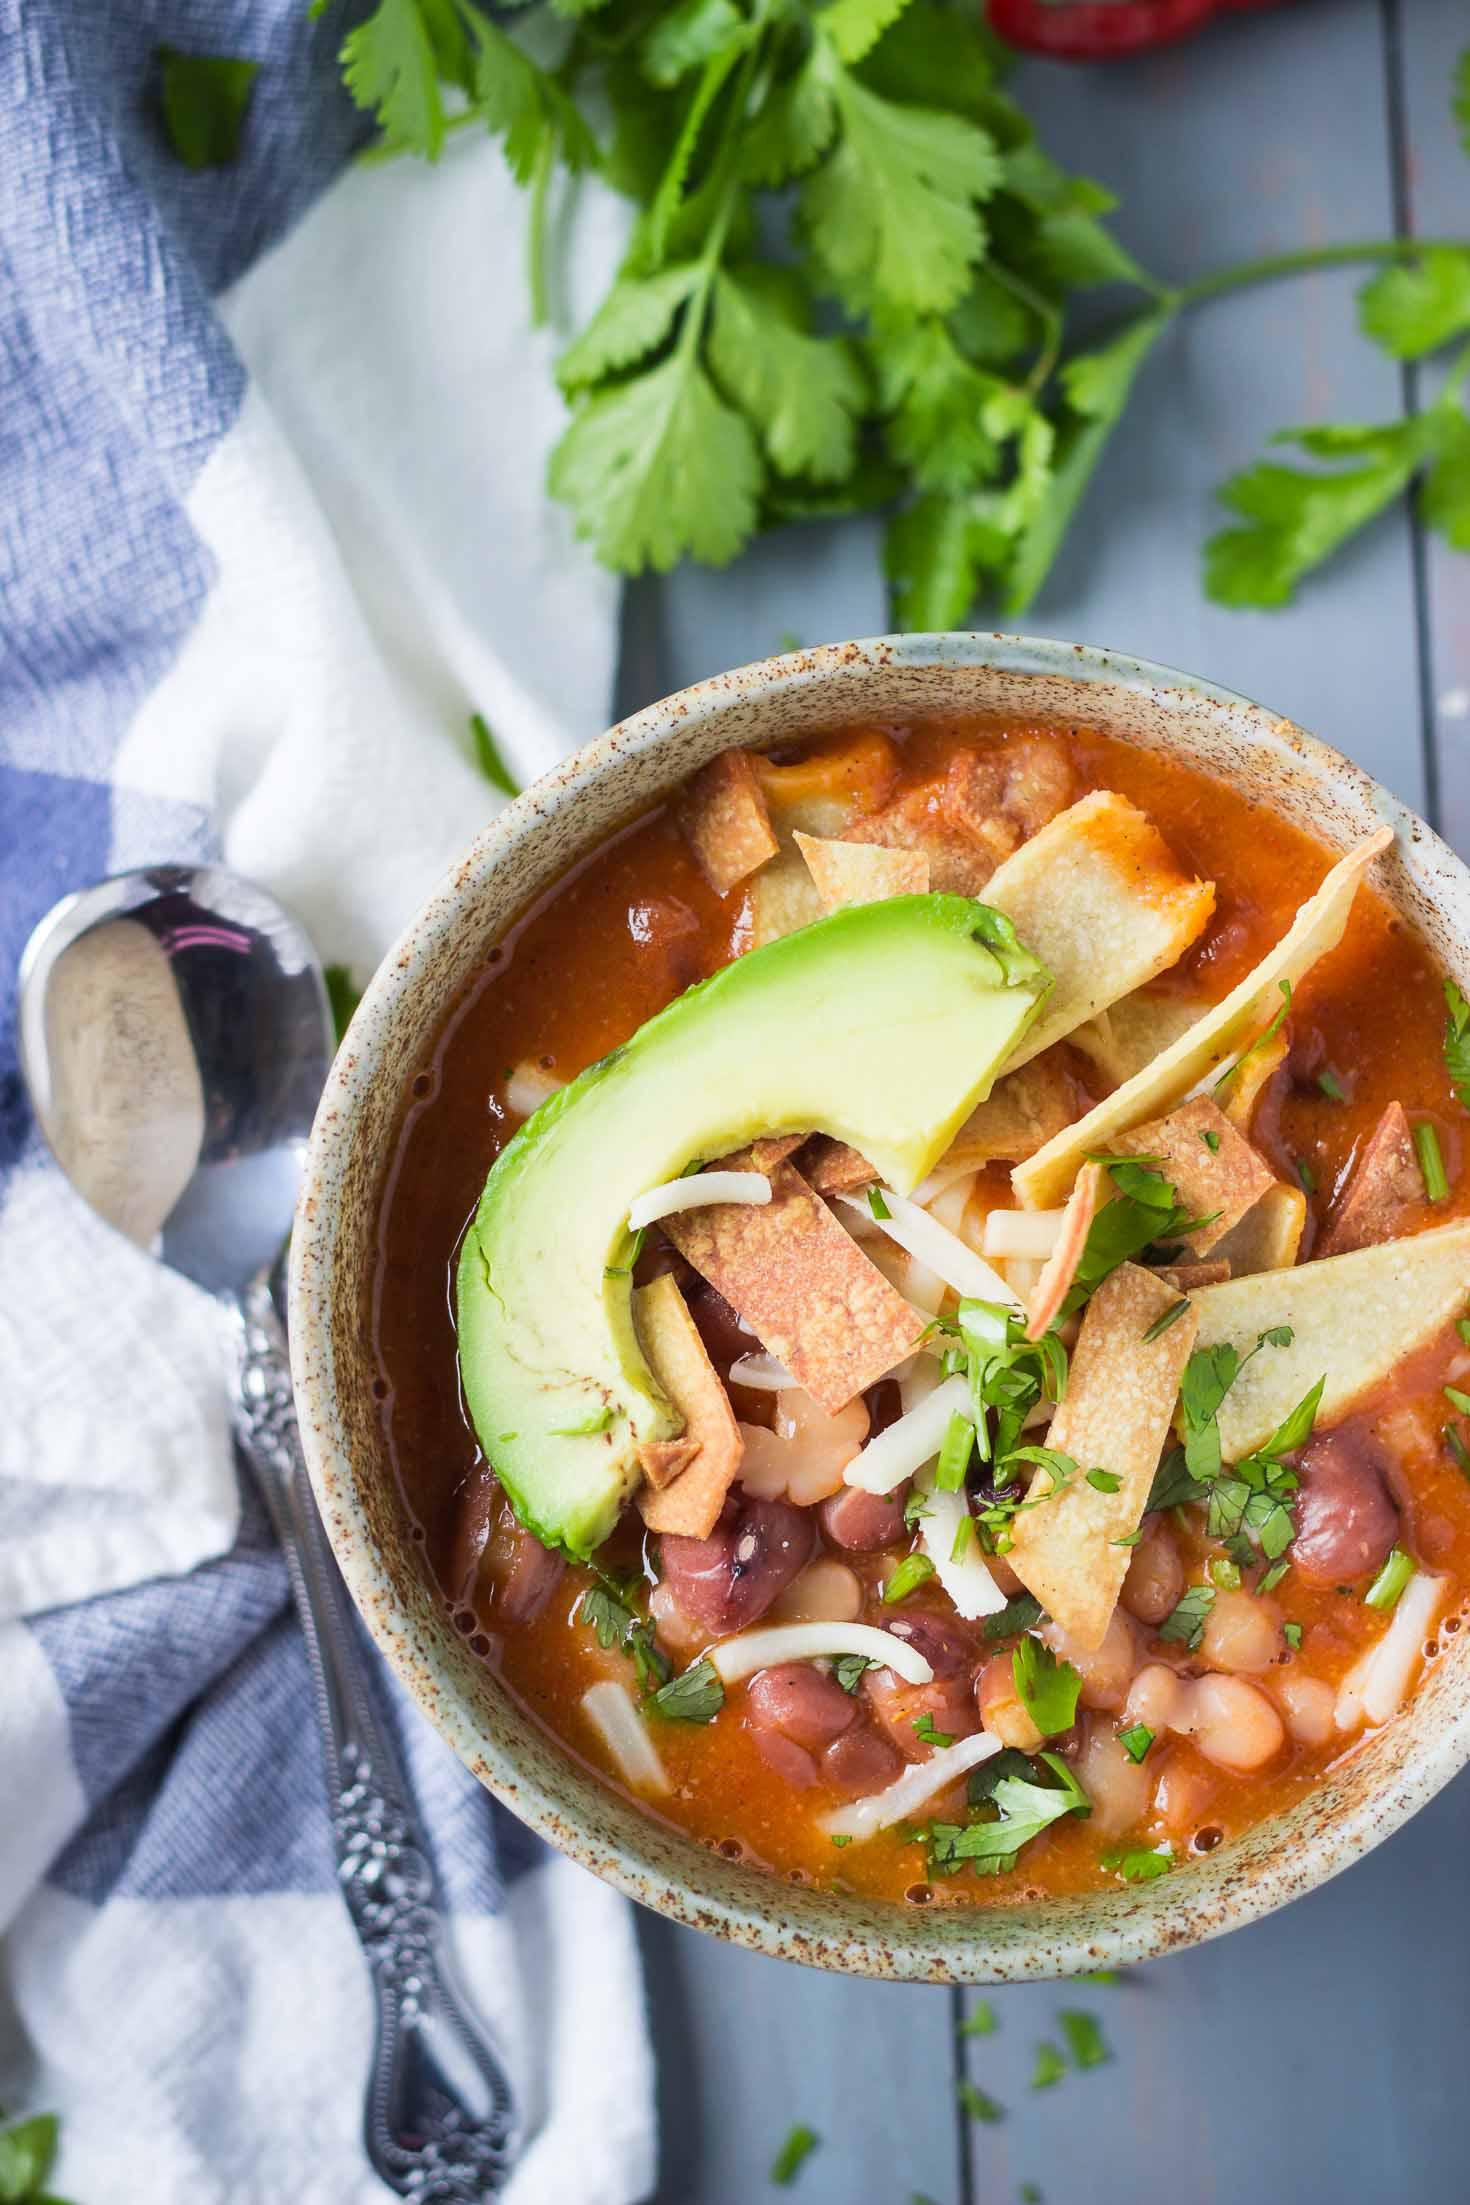 3-Bean Vegan Enchilada Soup-cilantro-avocado-spoon-top view